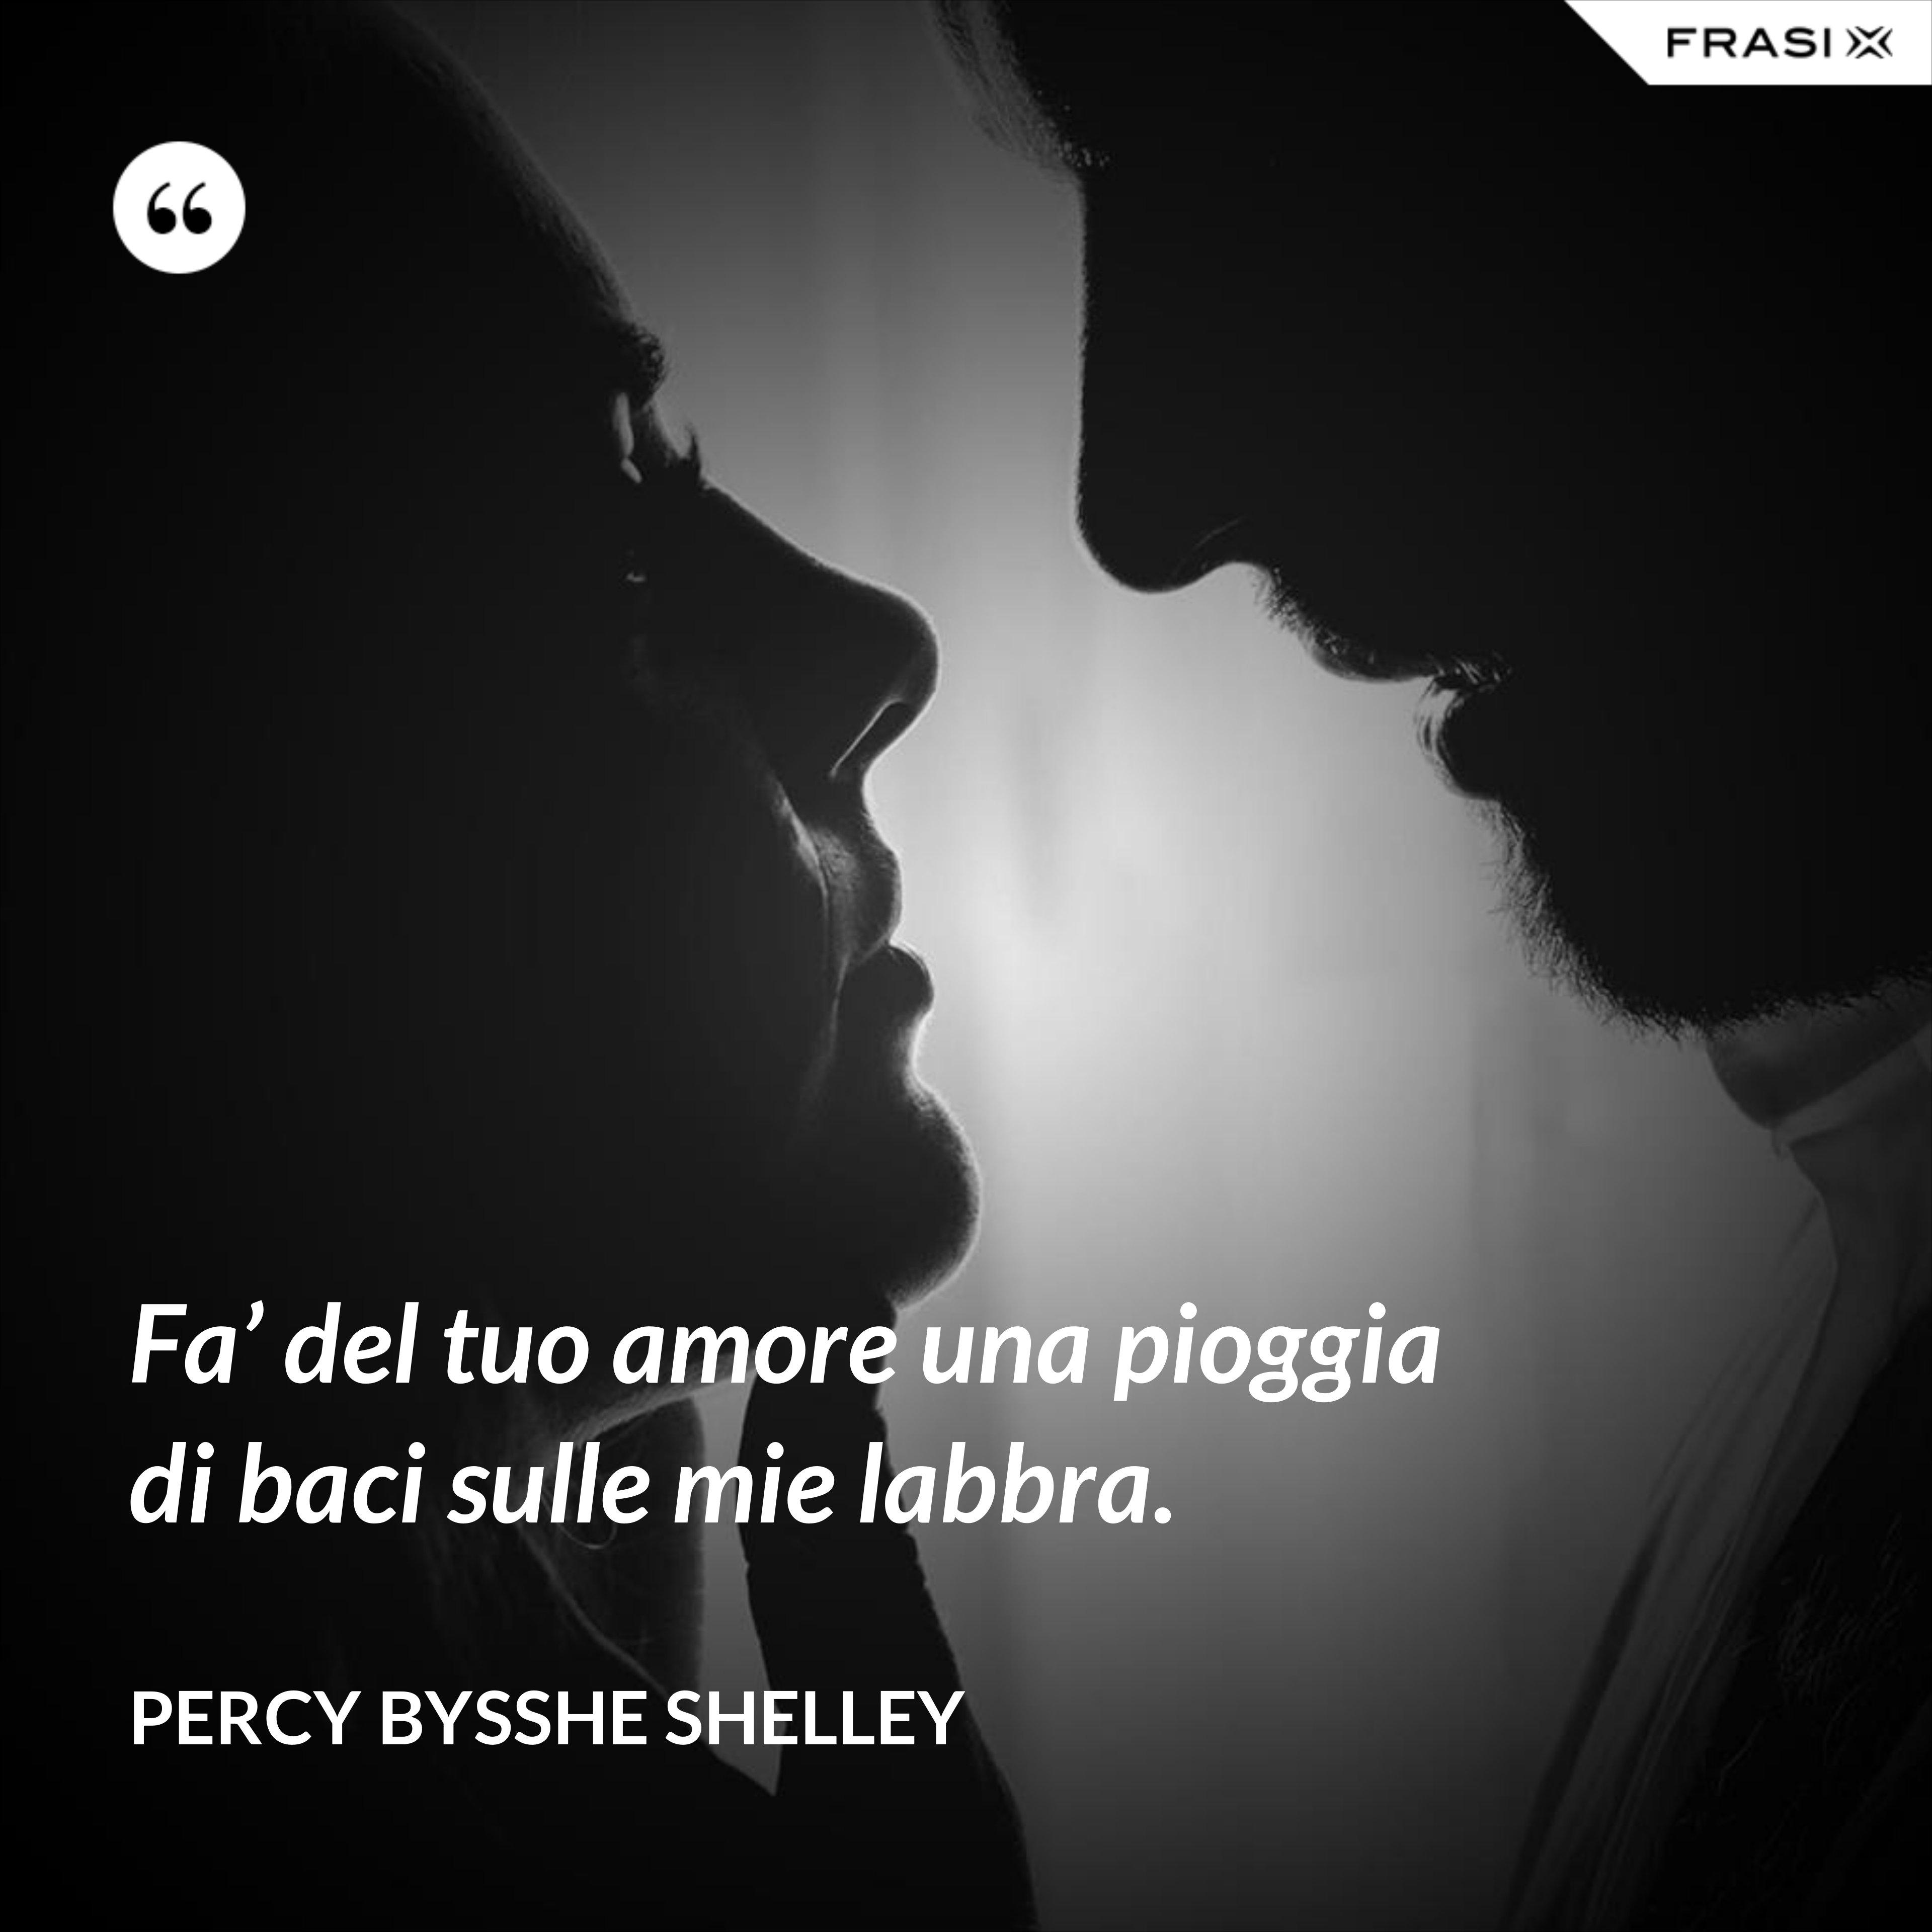 Fa' del tuo amore una pioggia di baci sulle mie labbra. - Percy Bysshe Shelley